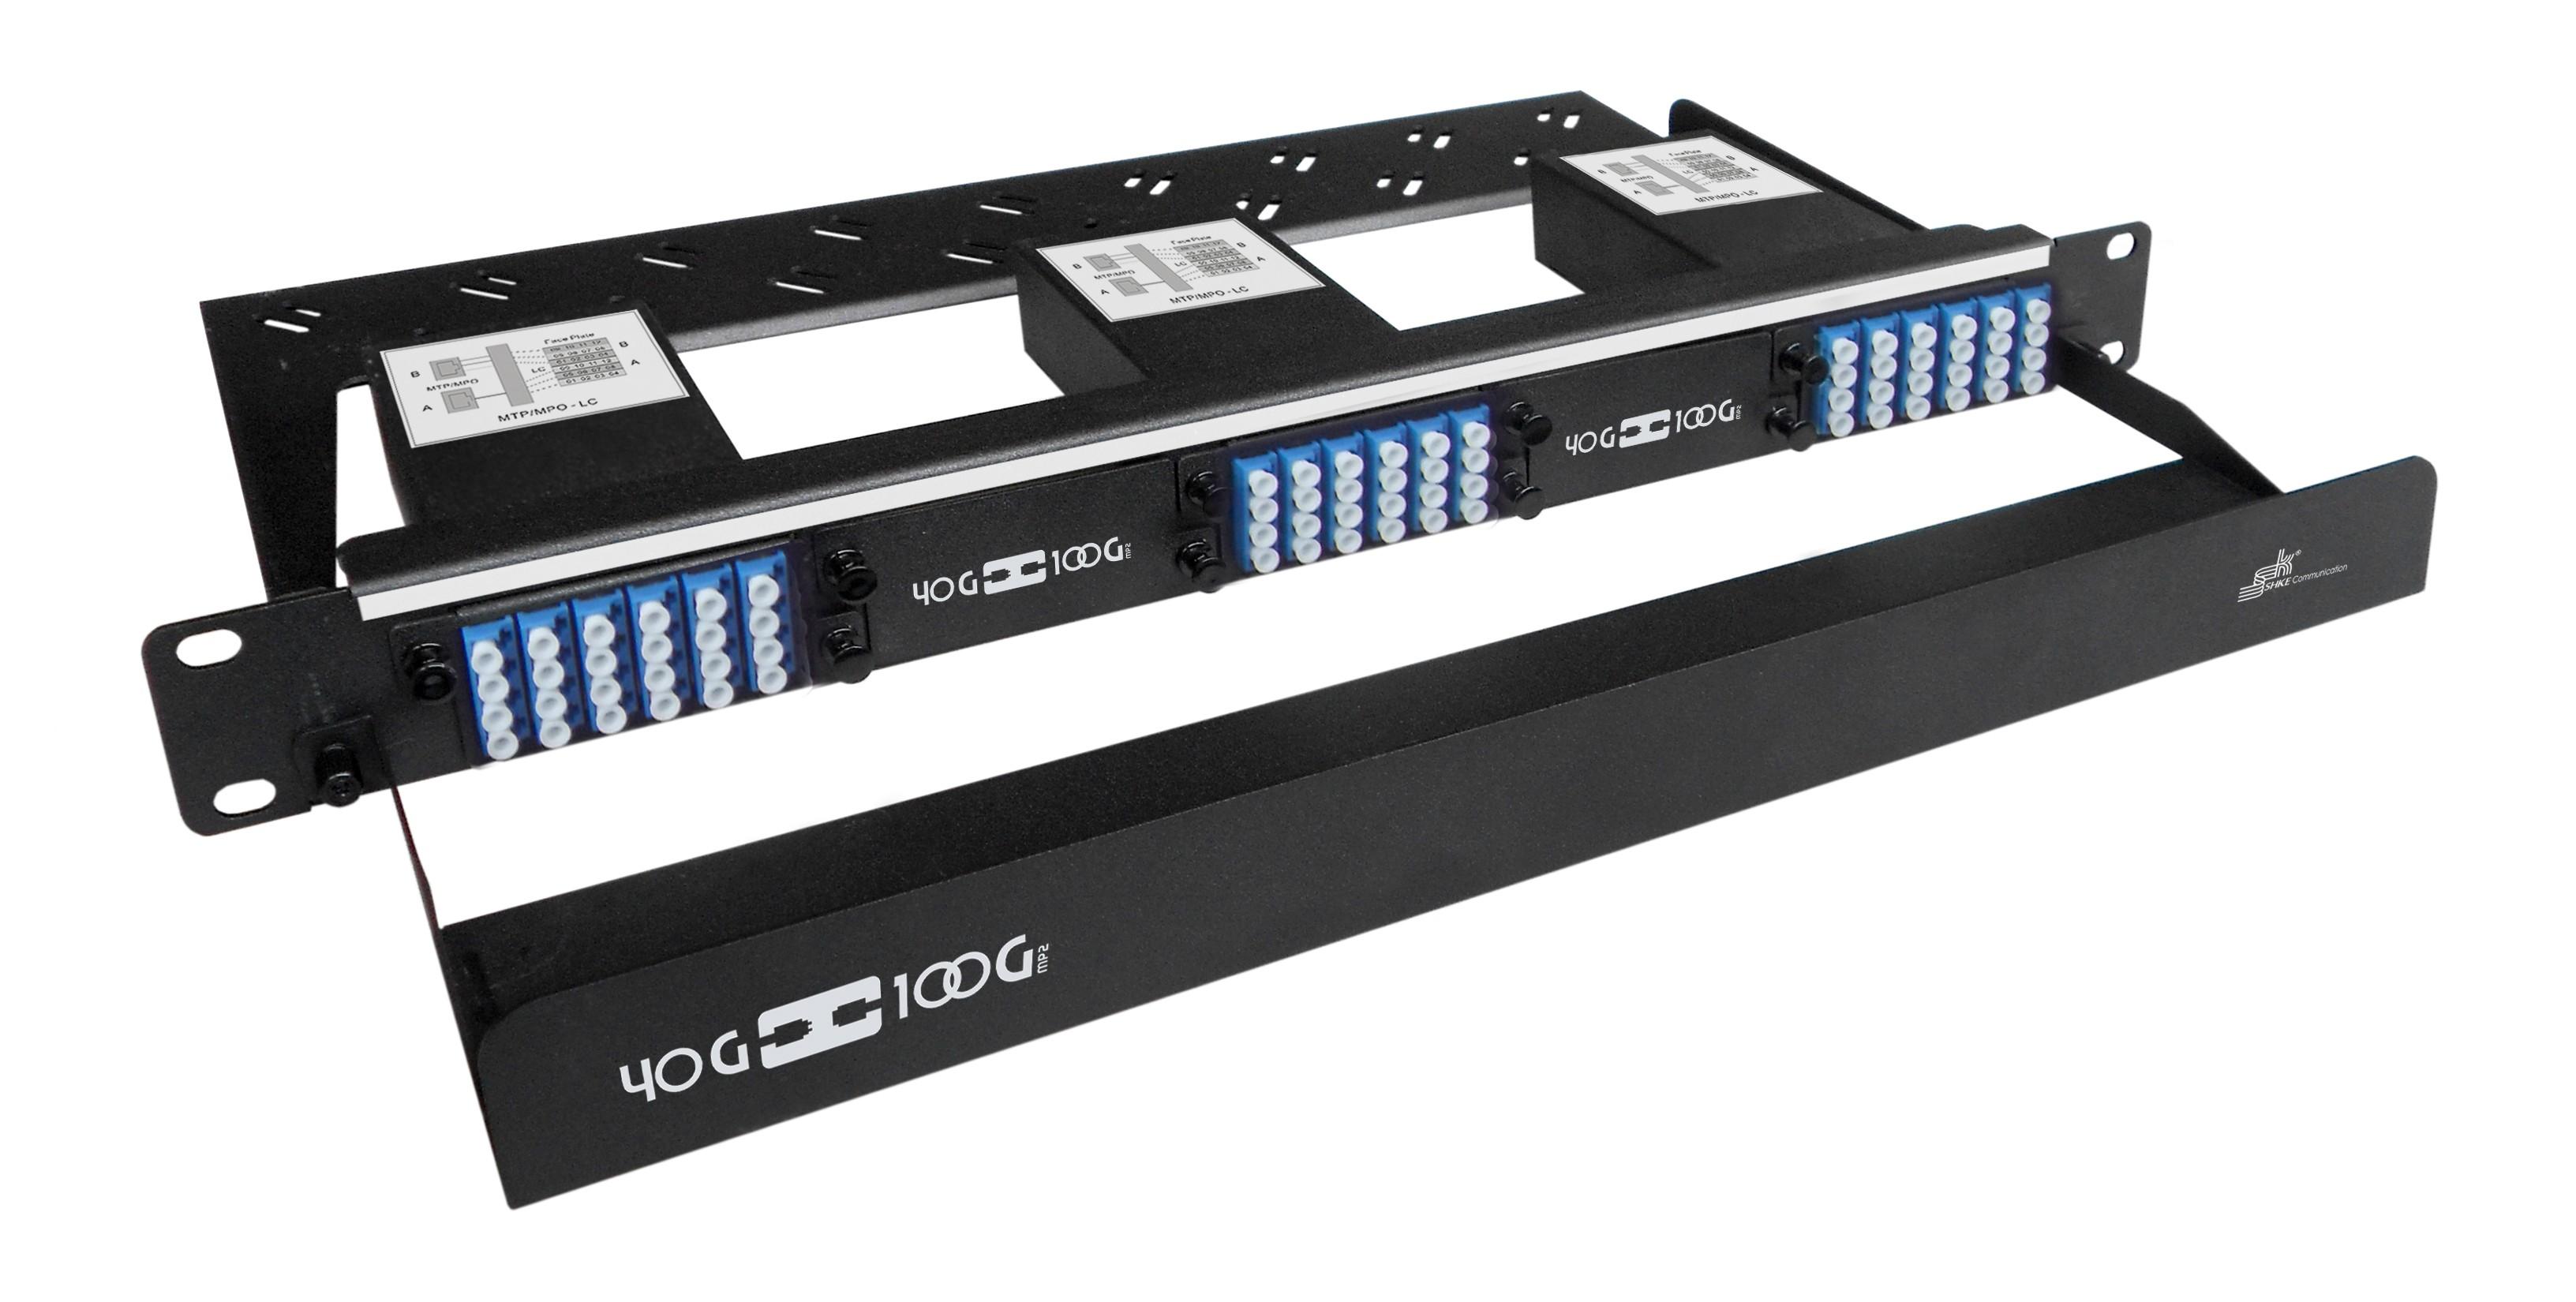 72 Core High Density MPO Fiber System, 1U, 6 ports MPO to 72 ports LC connectors, SMF